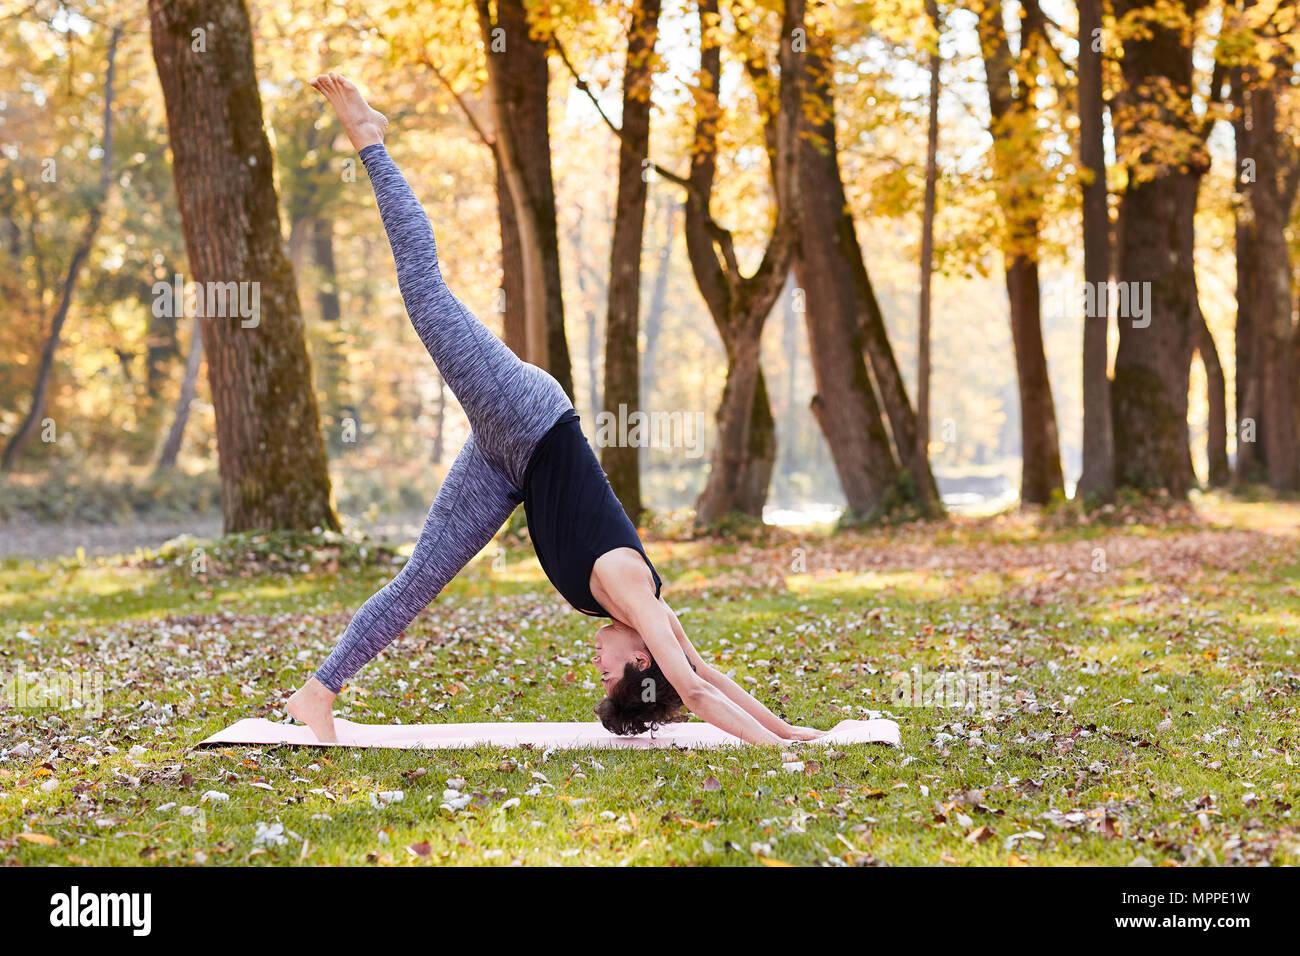 Mid adult woman in forest pratiquant le yoga, position chien tête en bas Photo Stock